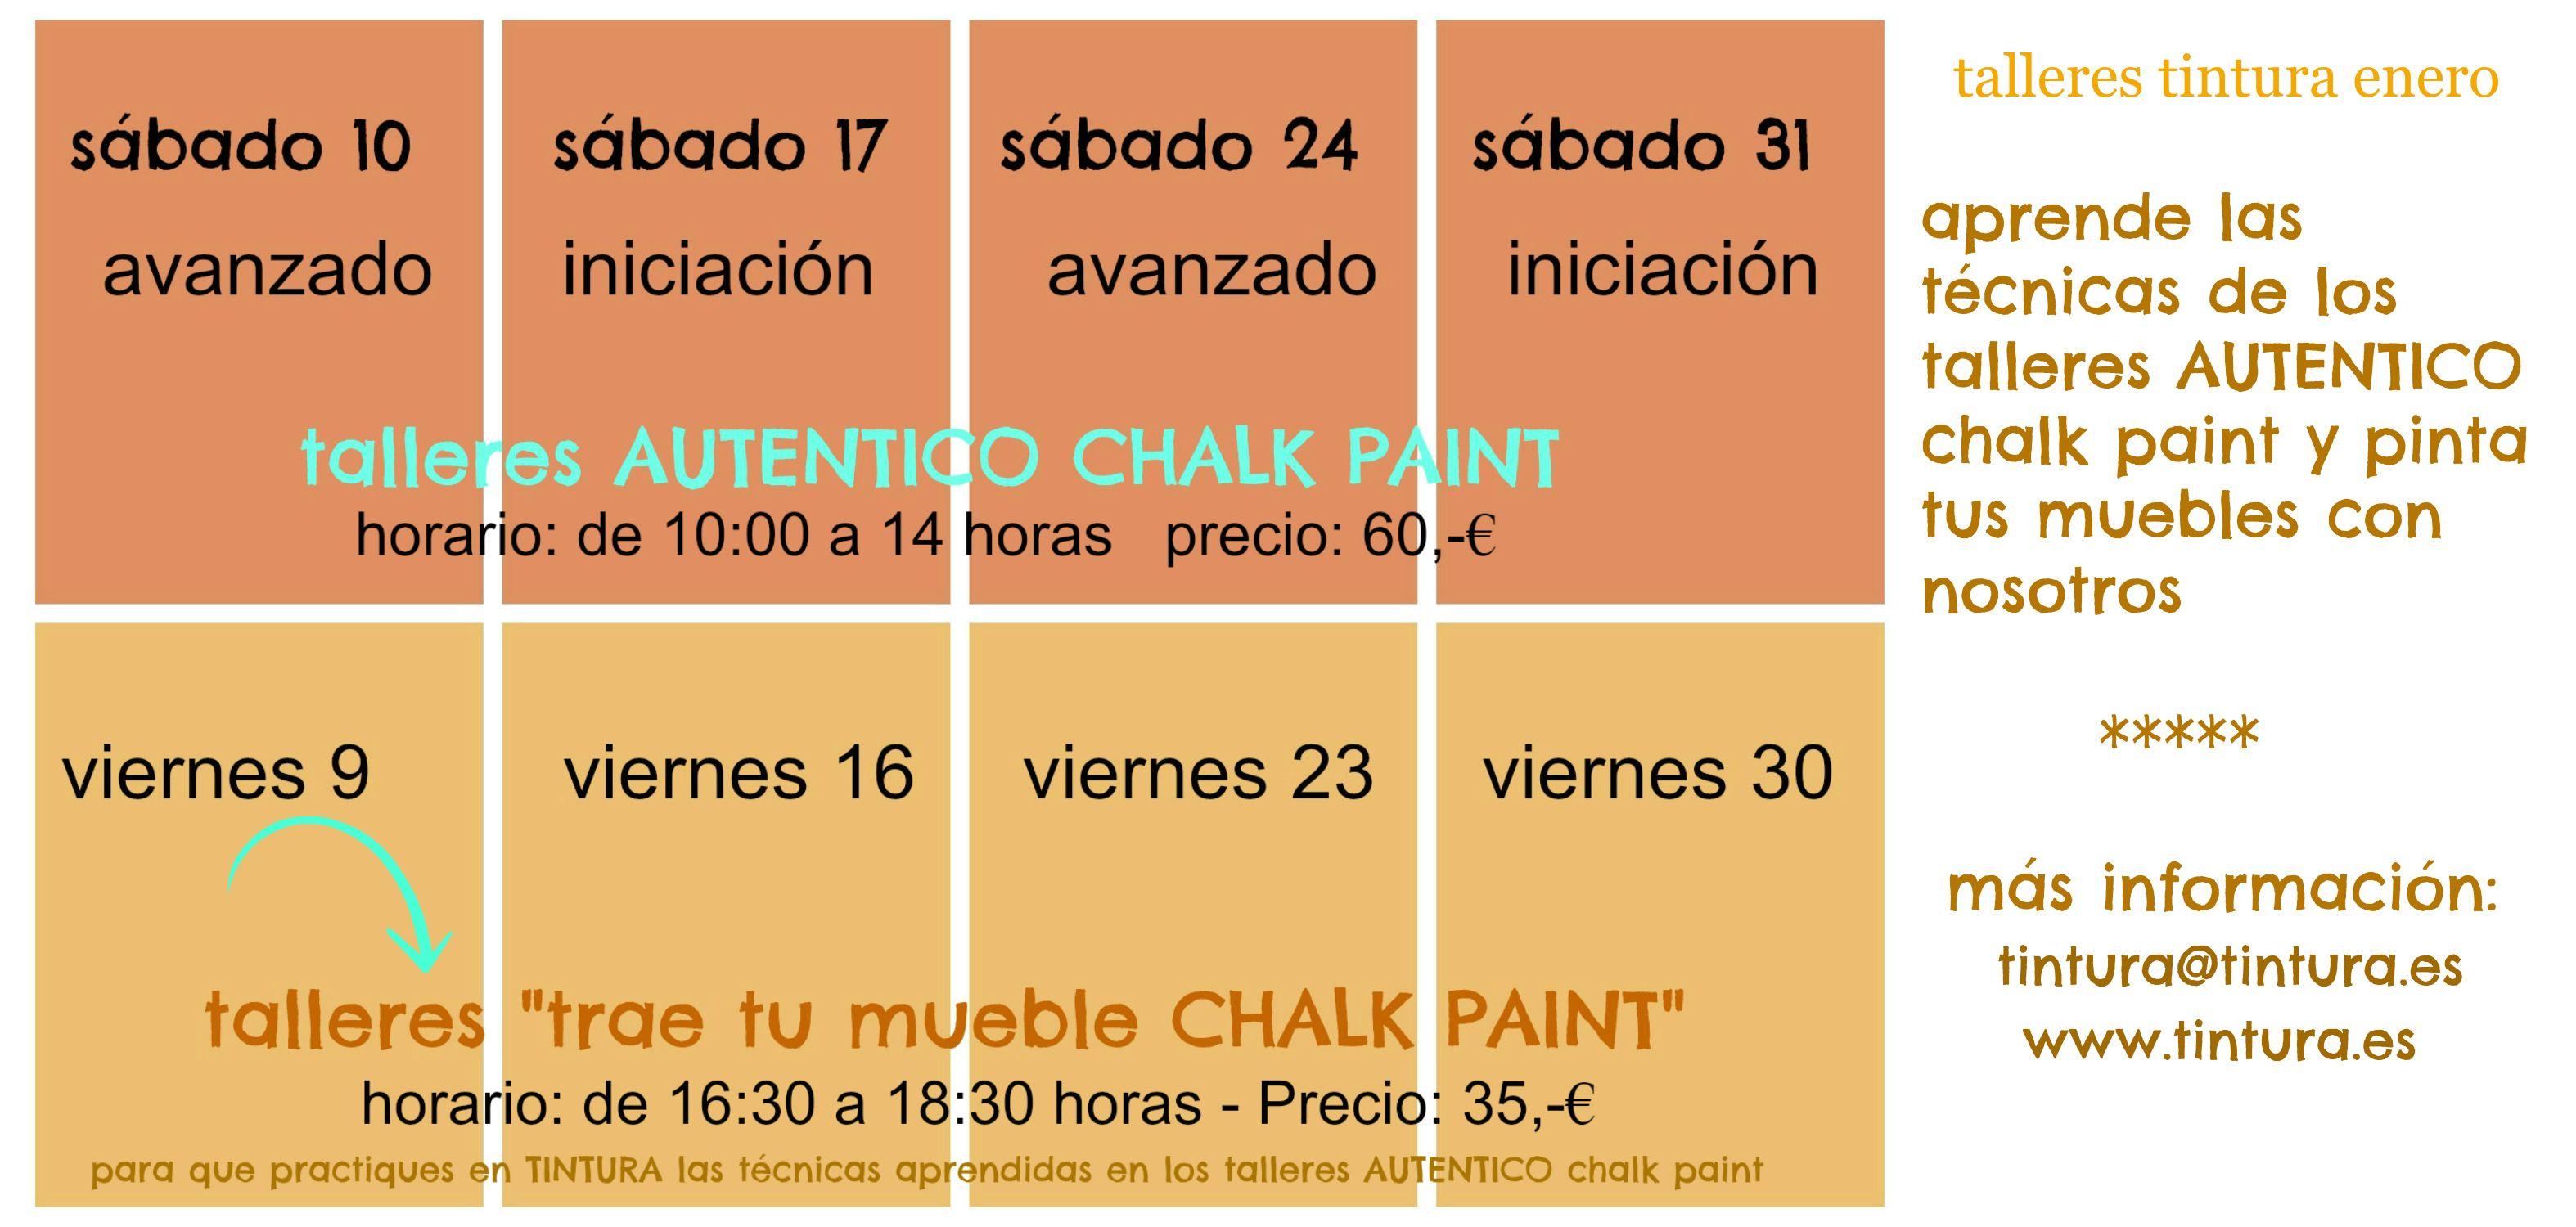 Nuevos #tallereschalkpaint. Ahora puedes poner en práctica todo lo que has aprendido en el taller de iniciación y en el taller avanzado de AUTENTICO Chalk Paint en compañía!